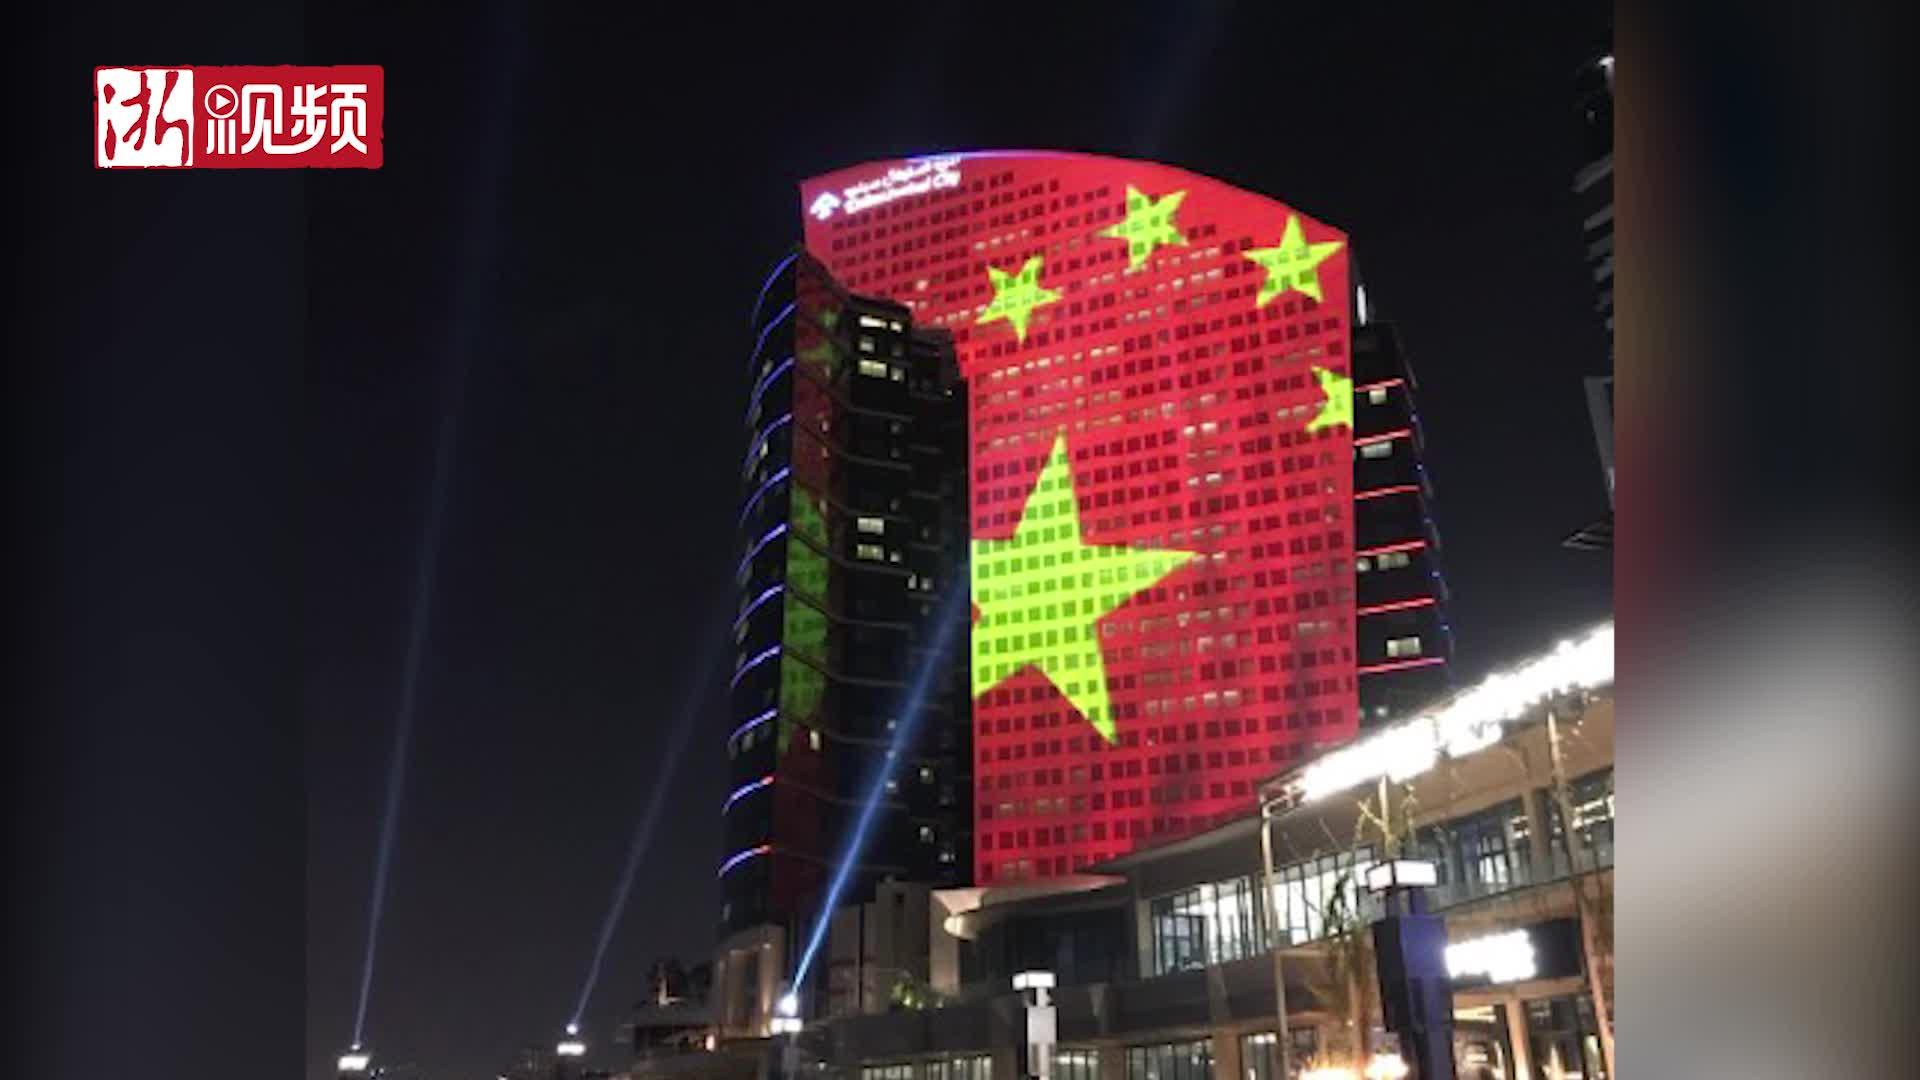 迪拜为中国春节定制灯光秀